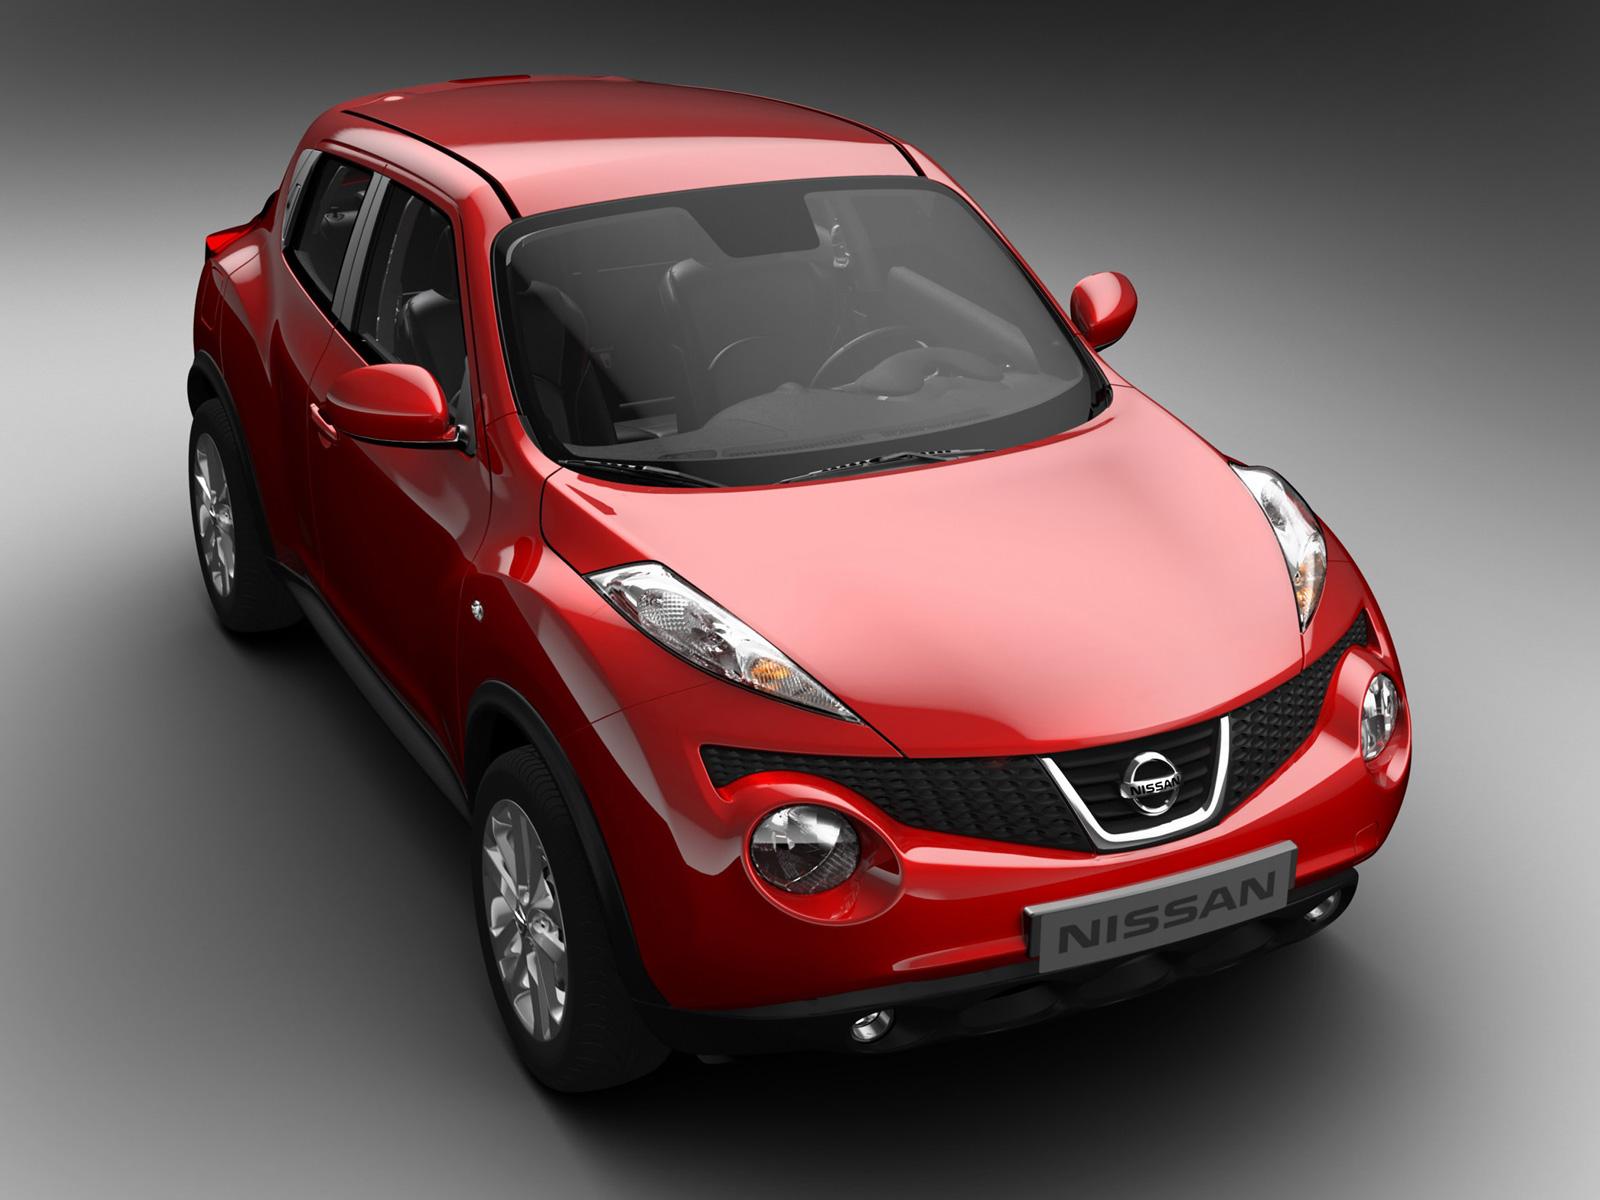 Mobil Nissan Juke Adalah Mobil Type Terbaru Dari Nissan Yang Di